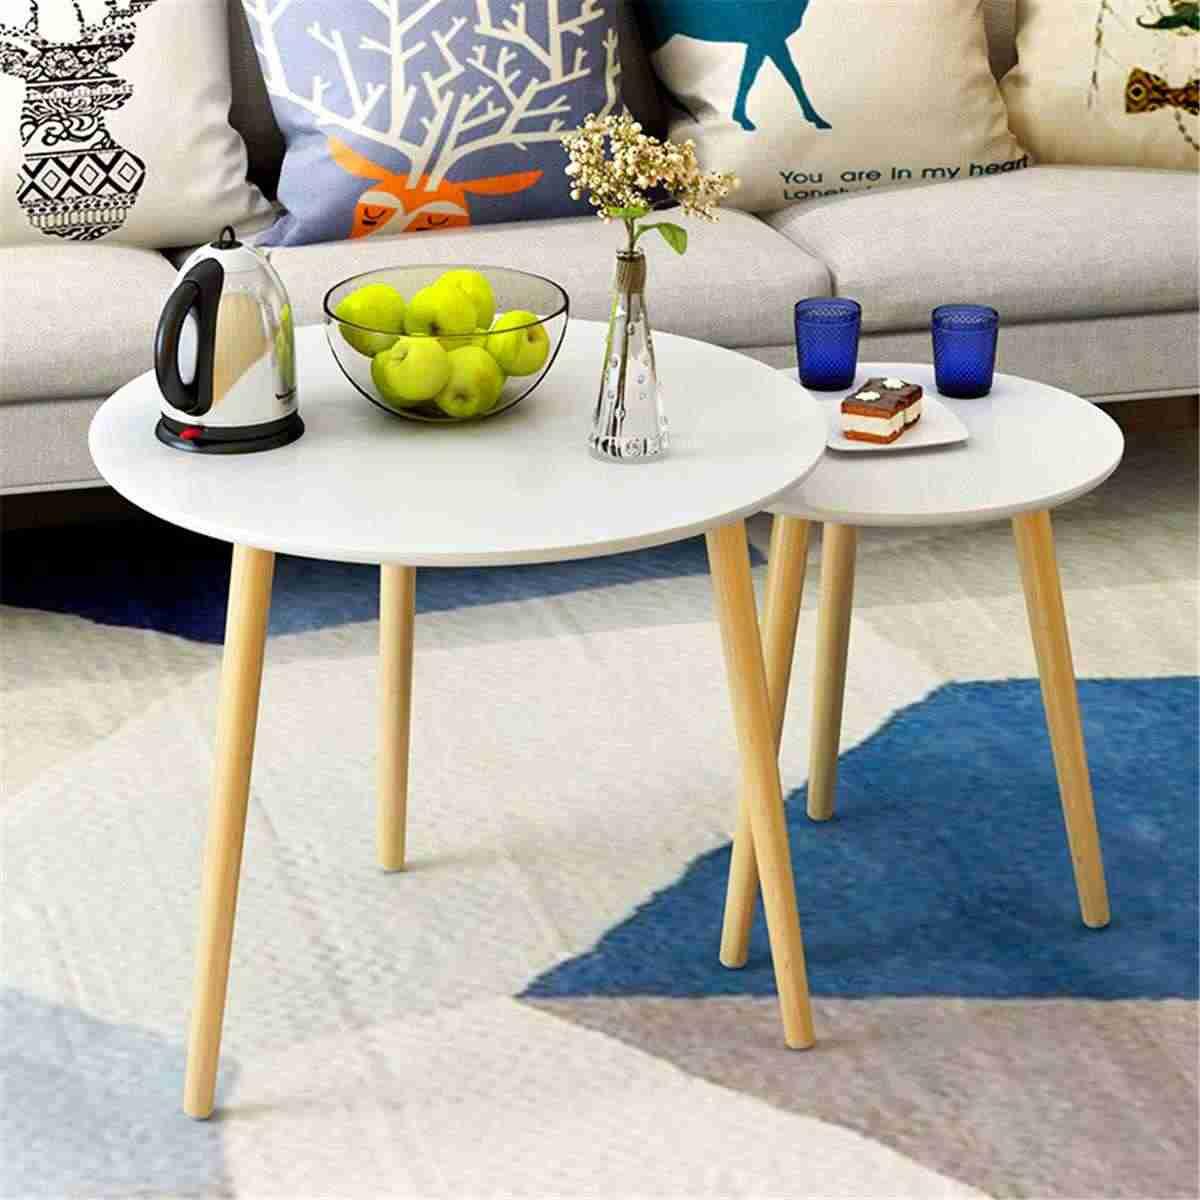 Современный прикроватный обеденный стол Кофейня с деревянными ножками, Офис мебелью ручной стержень, для кафе, для украшения мебели 50X49 см круглый Треугольники